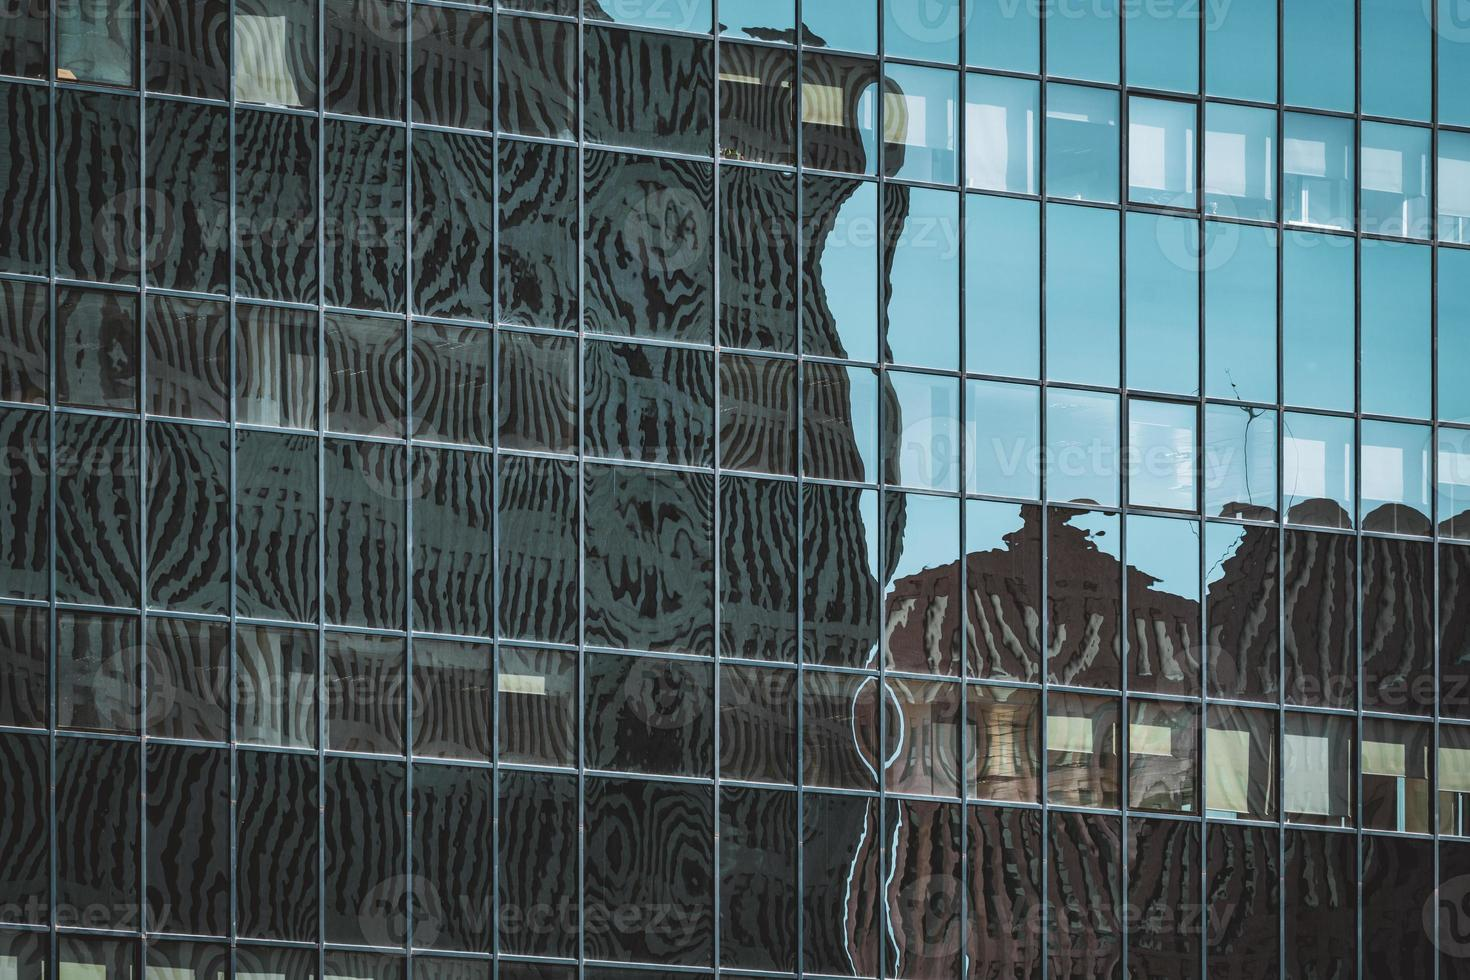 reflexos na fachada envidraçada de um prédio de escritórios foto